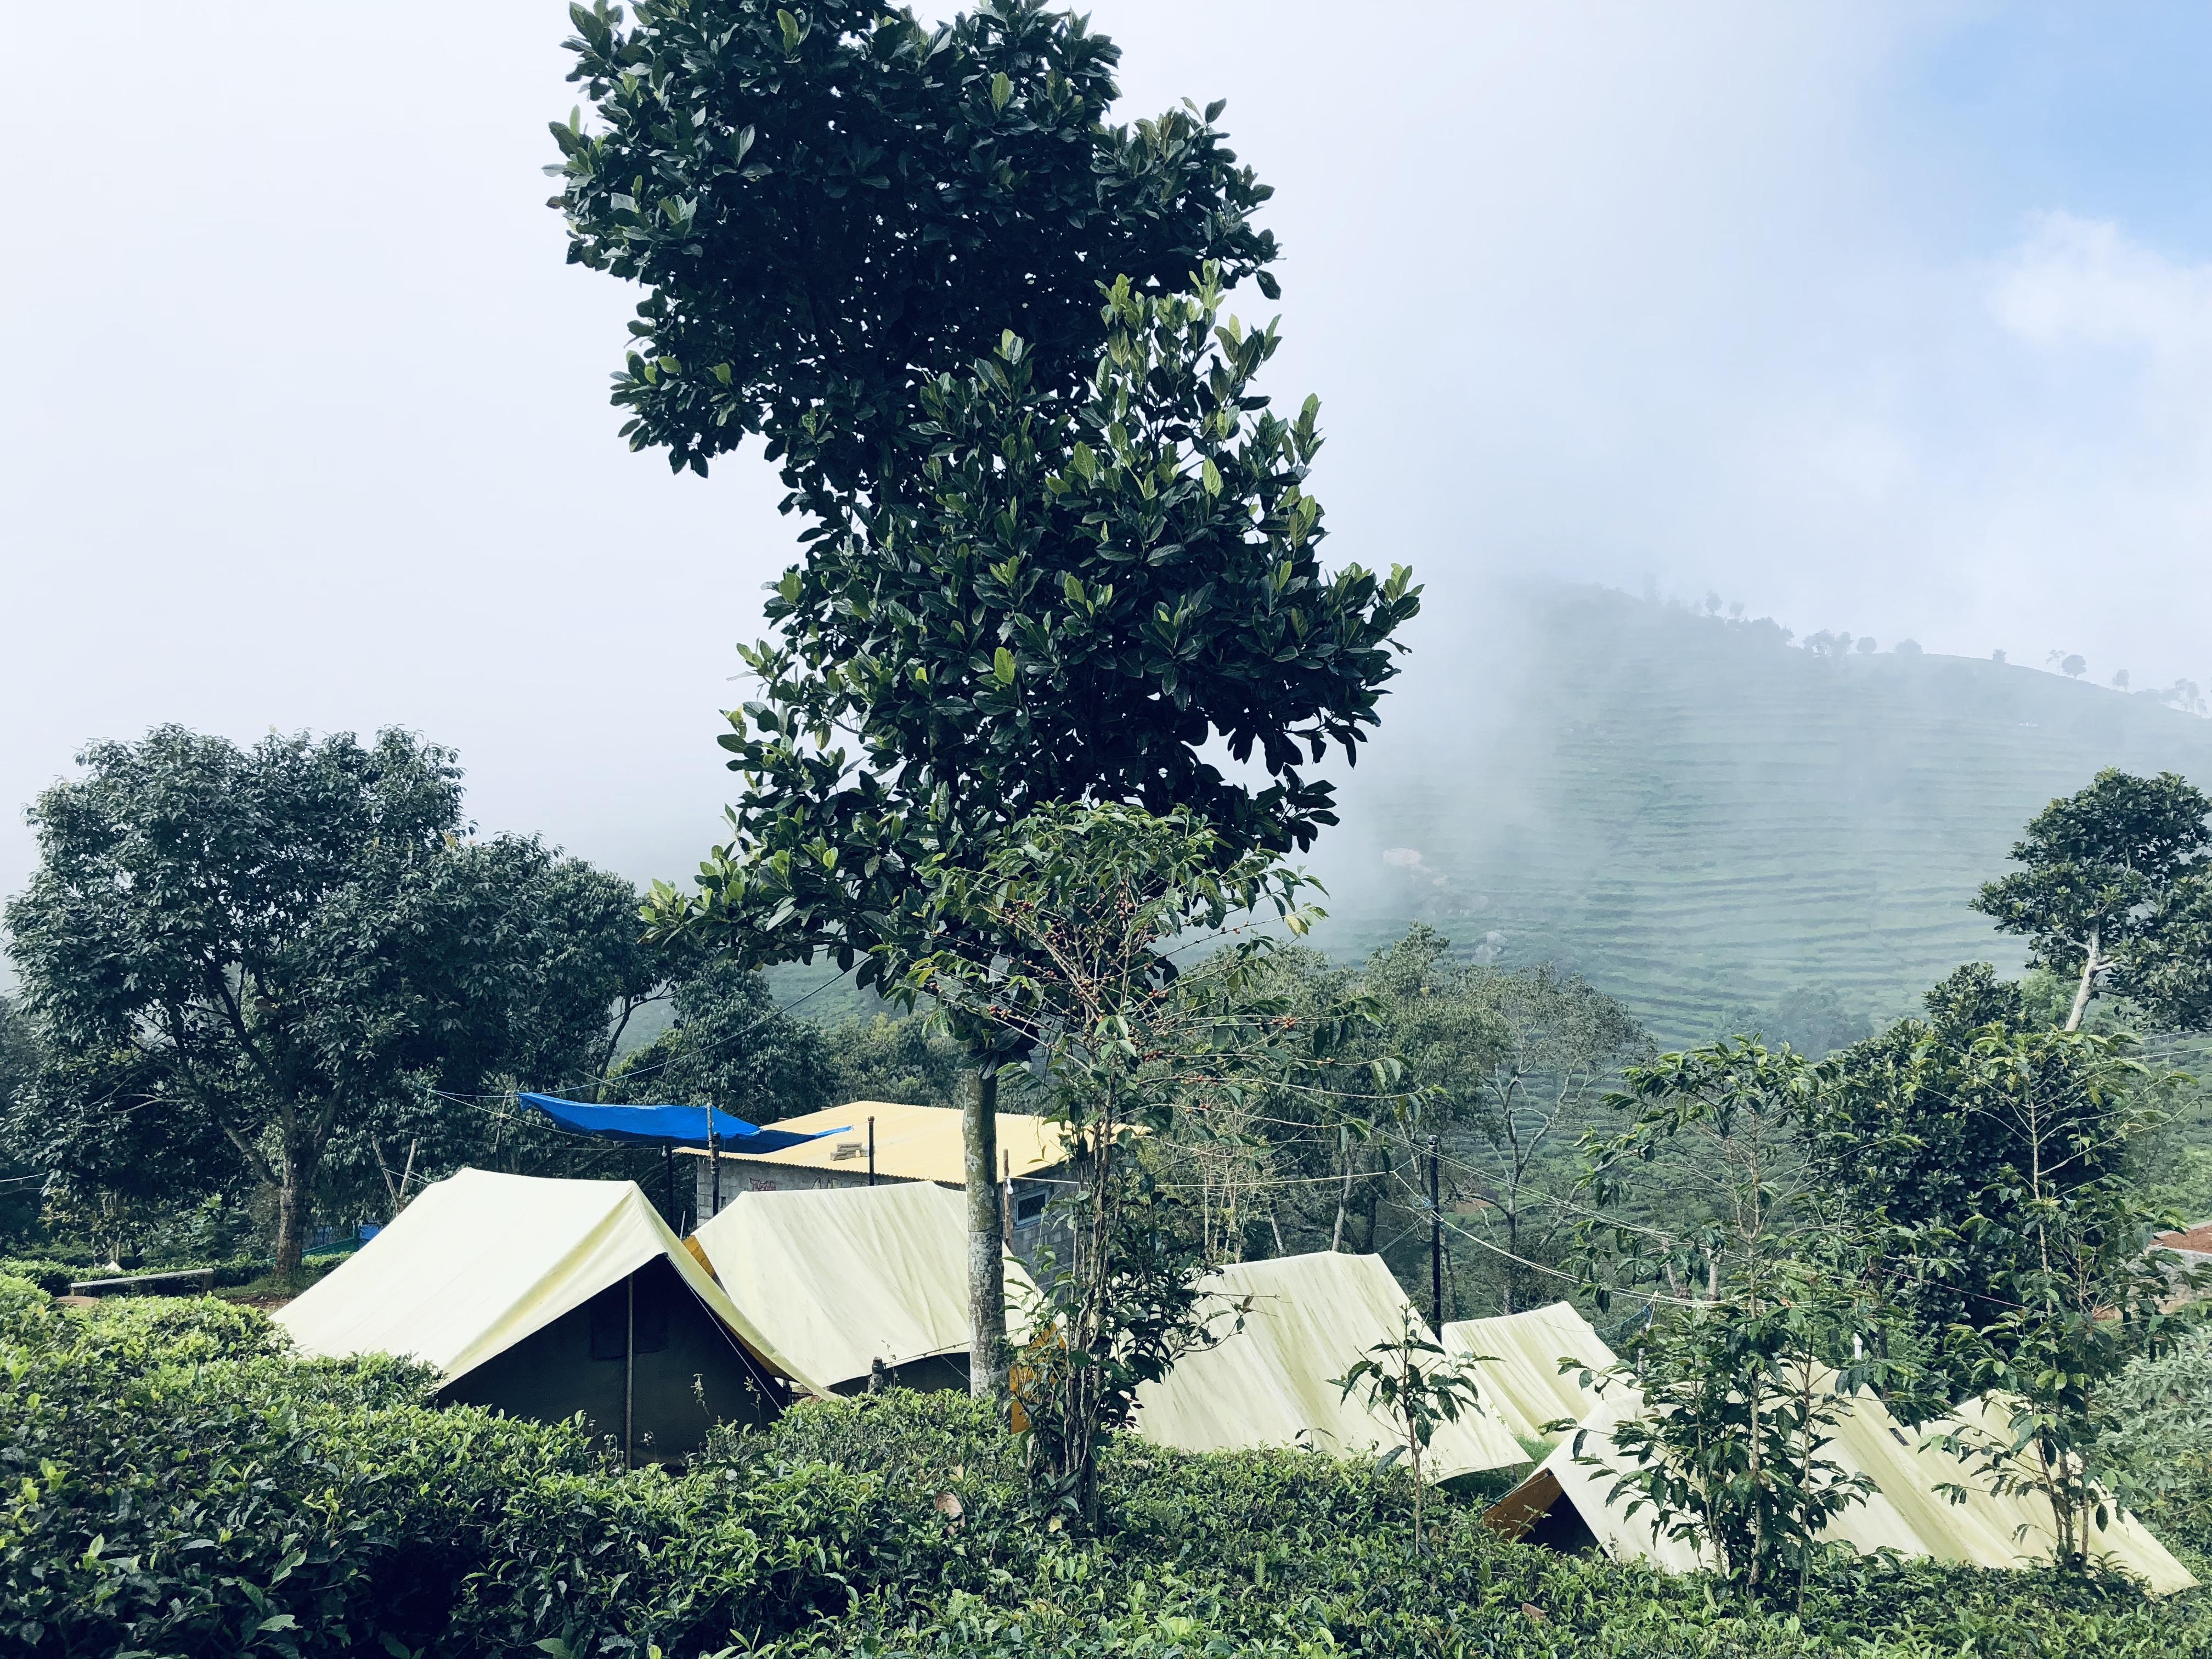 Plantation Camping at Ooty